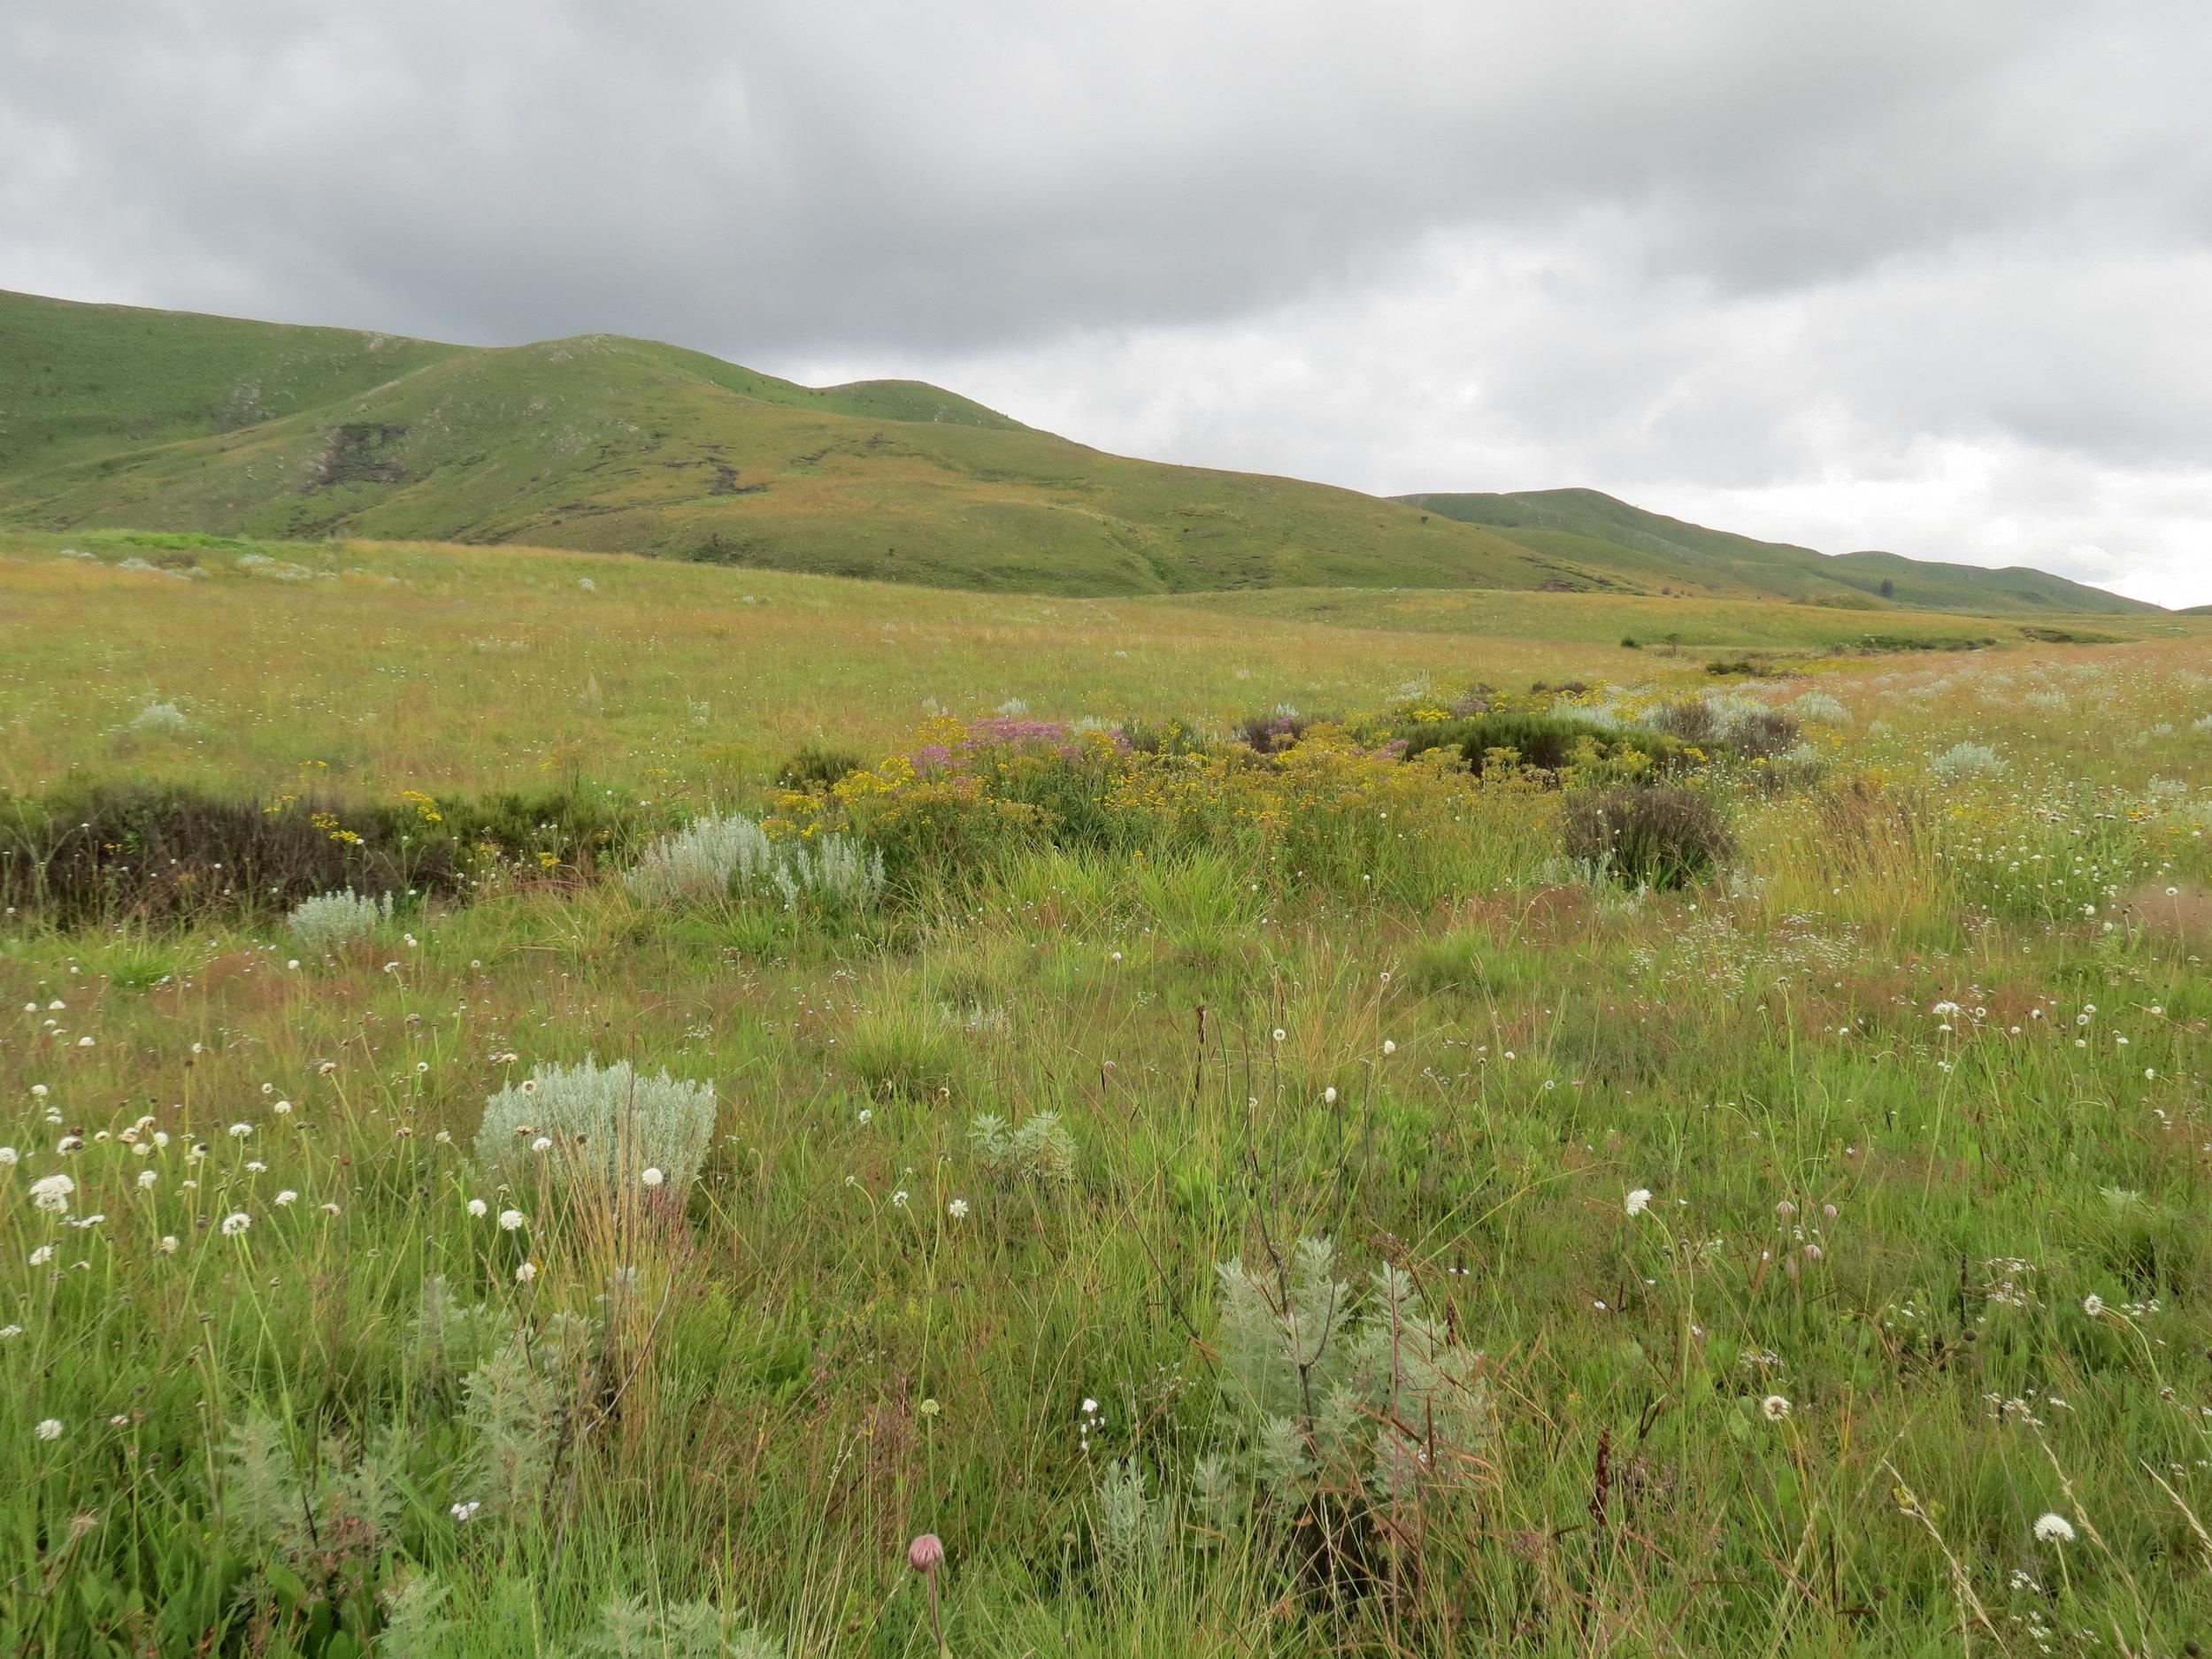 Kitulo Plateau NP